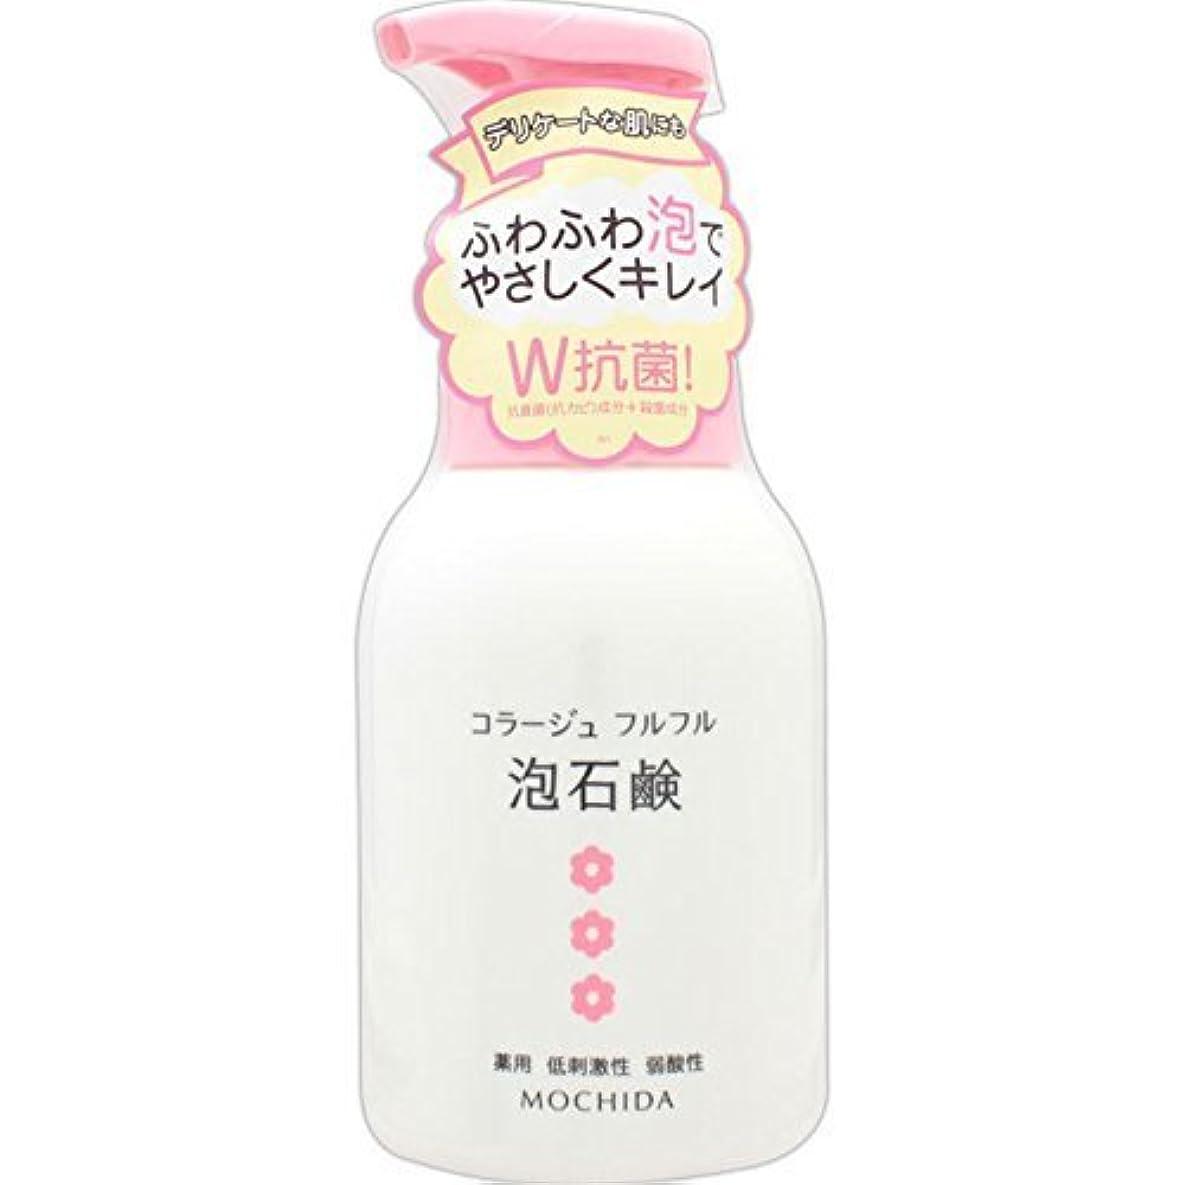 管理します試してみる見通しコラージュフルフル 泡石鹸 ピンク 300m L (医薬部外品) ×5